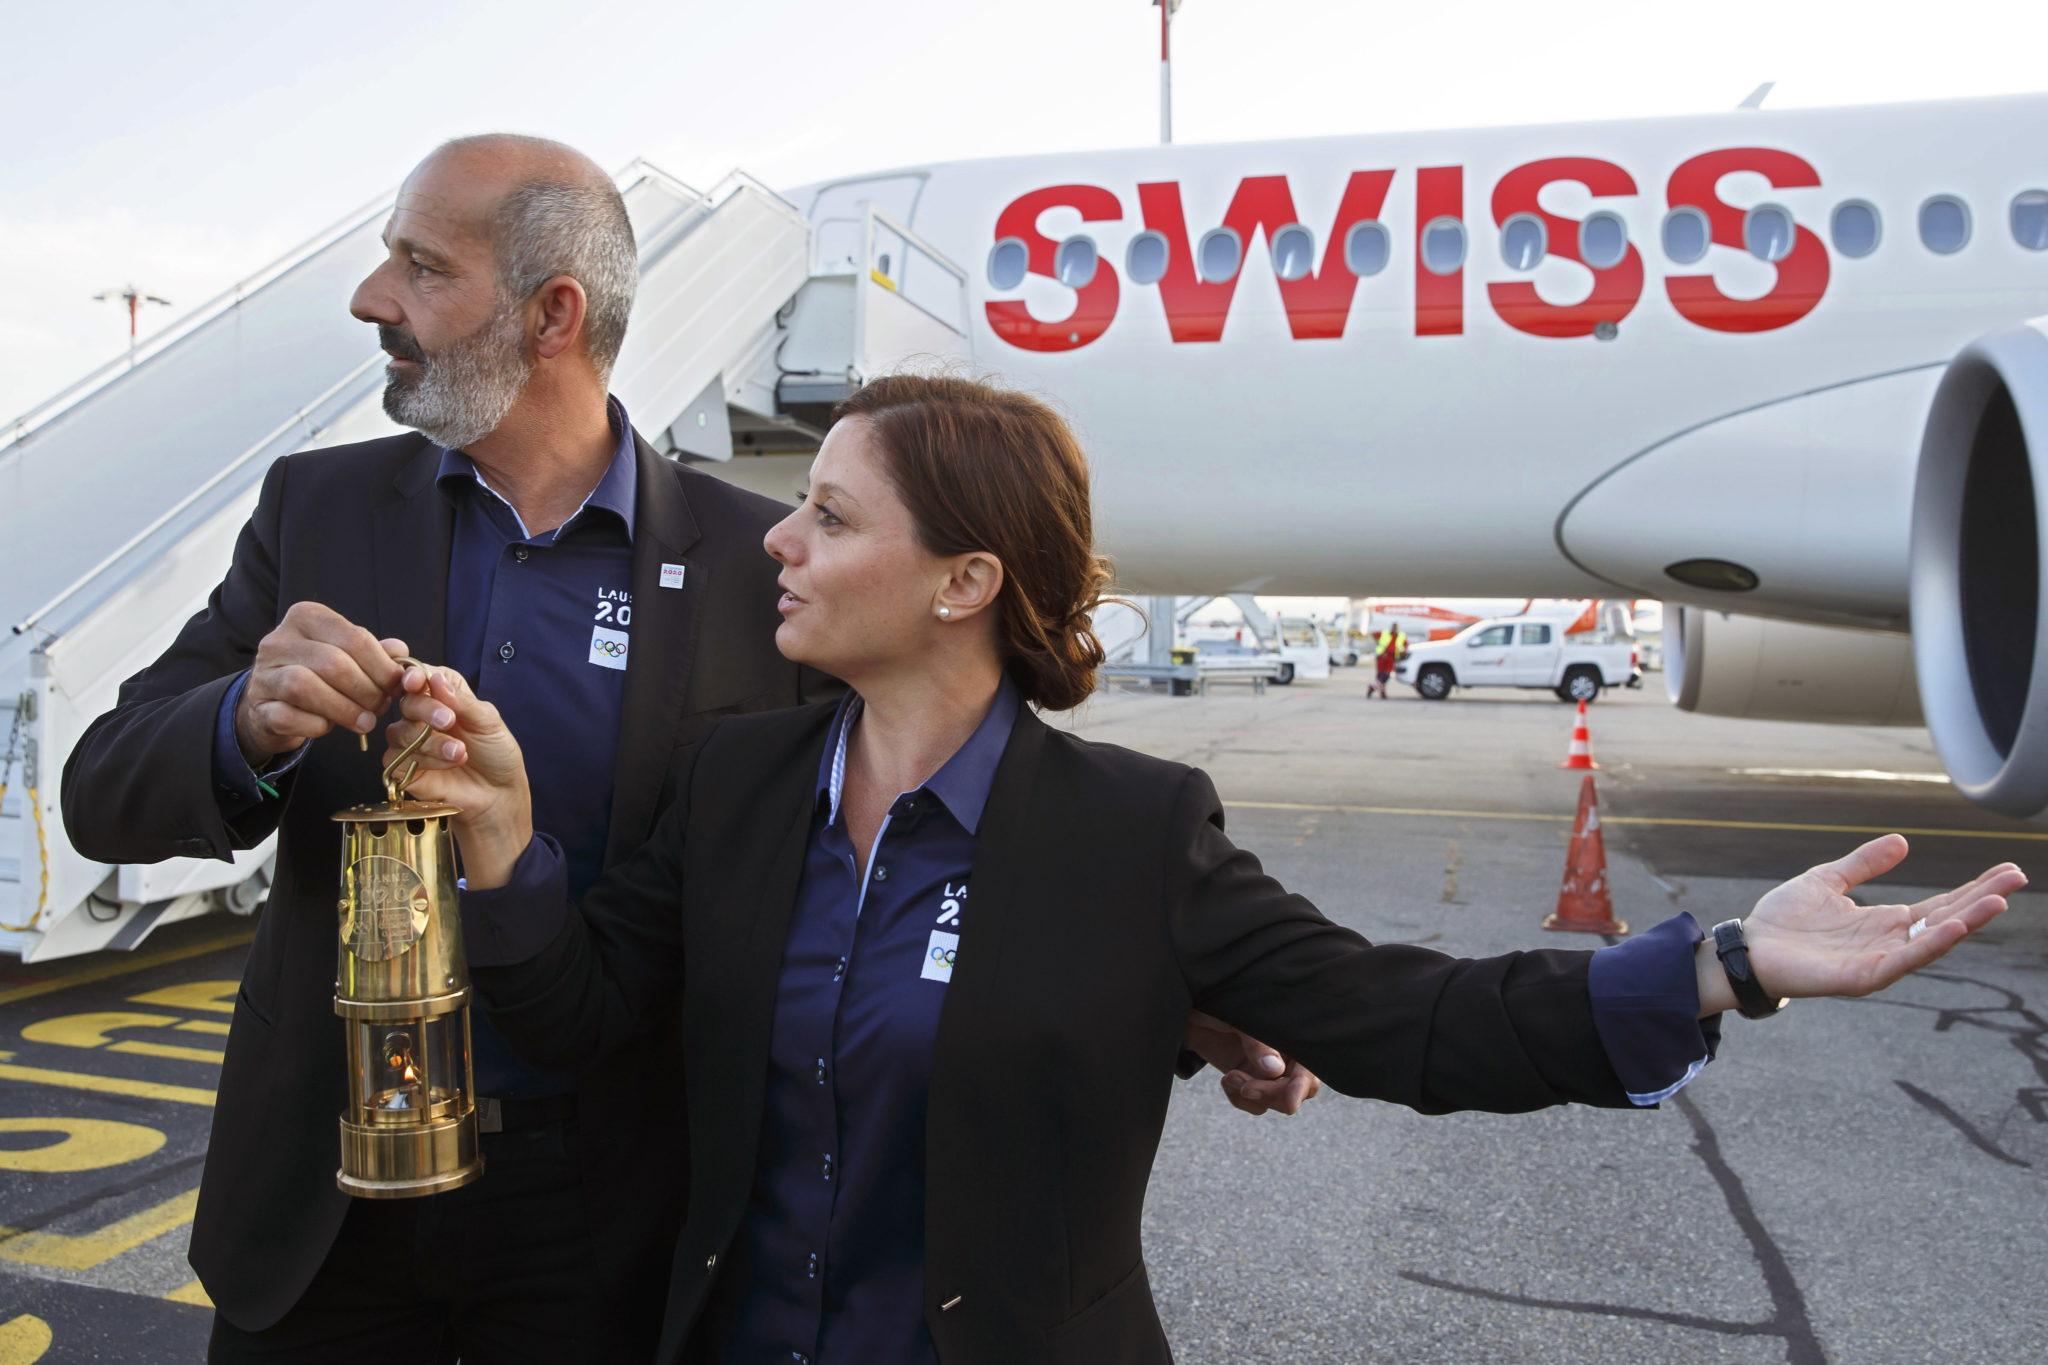 Szwajcaria: ogień olimpijski na lotnisku w Lozannie rozpoczyna podróż. fot. EPA/SALVATORE DI NOLFI